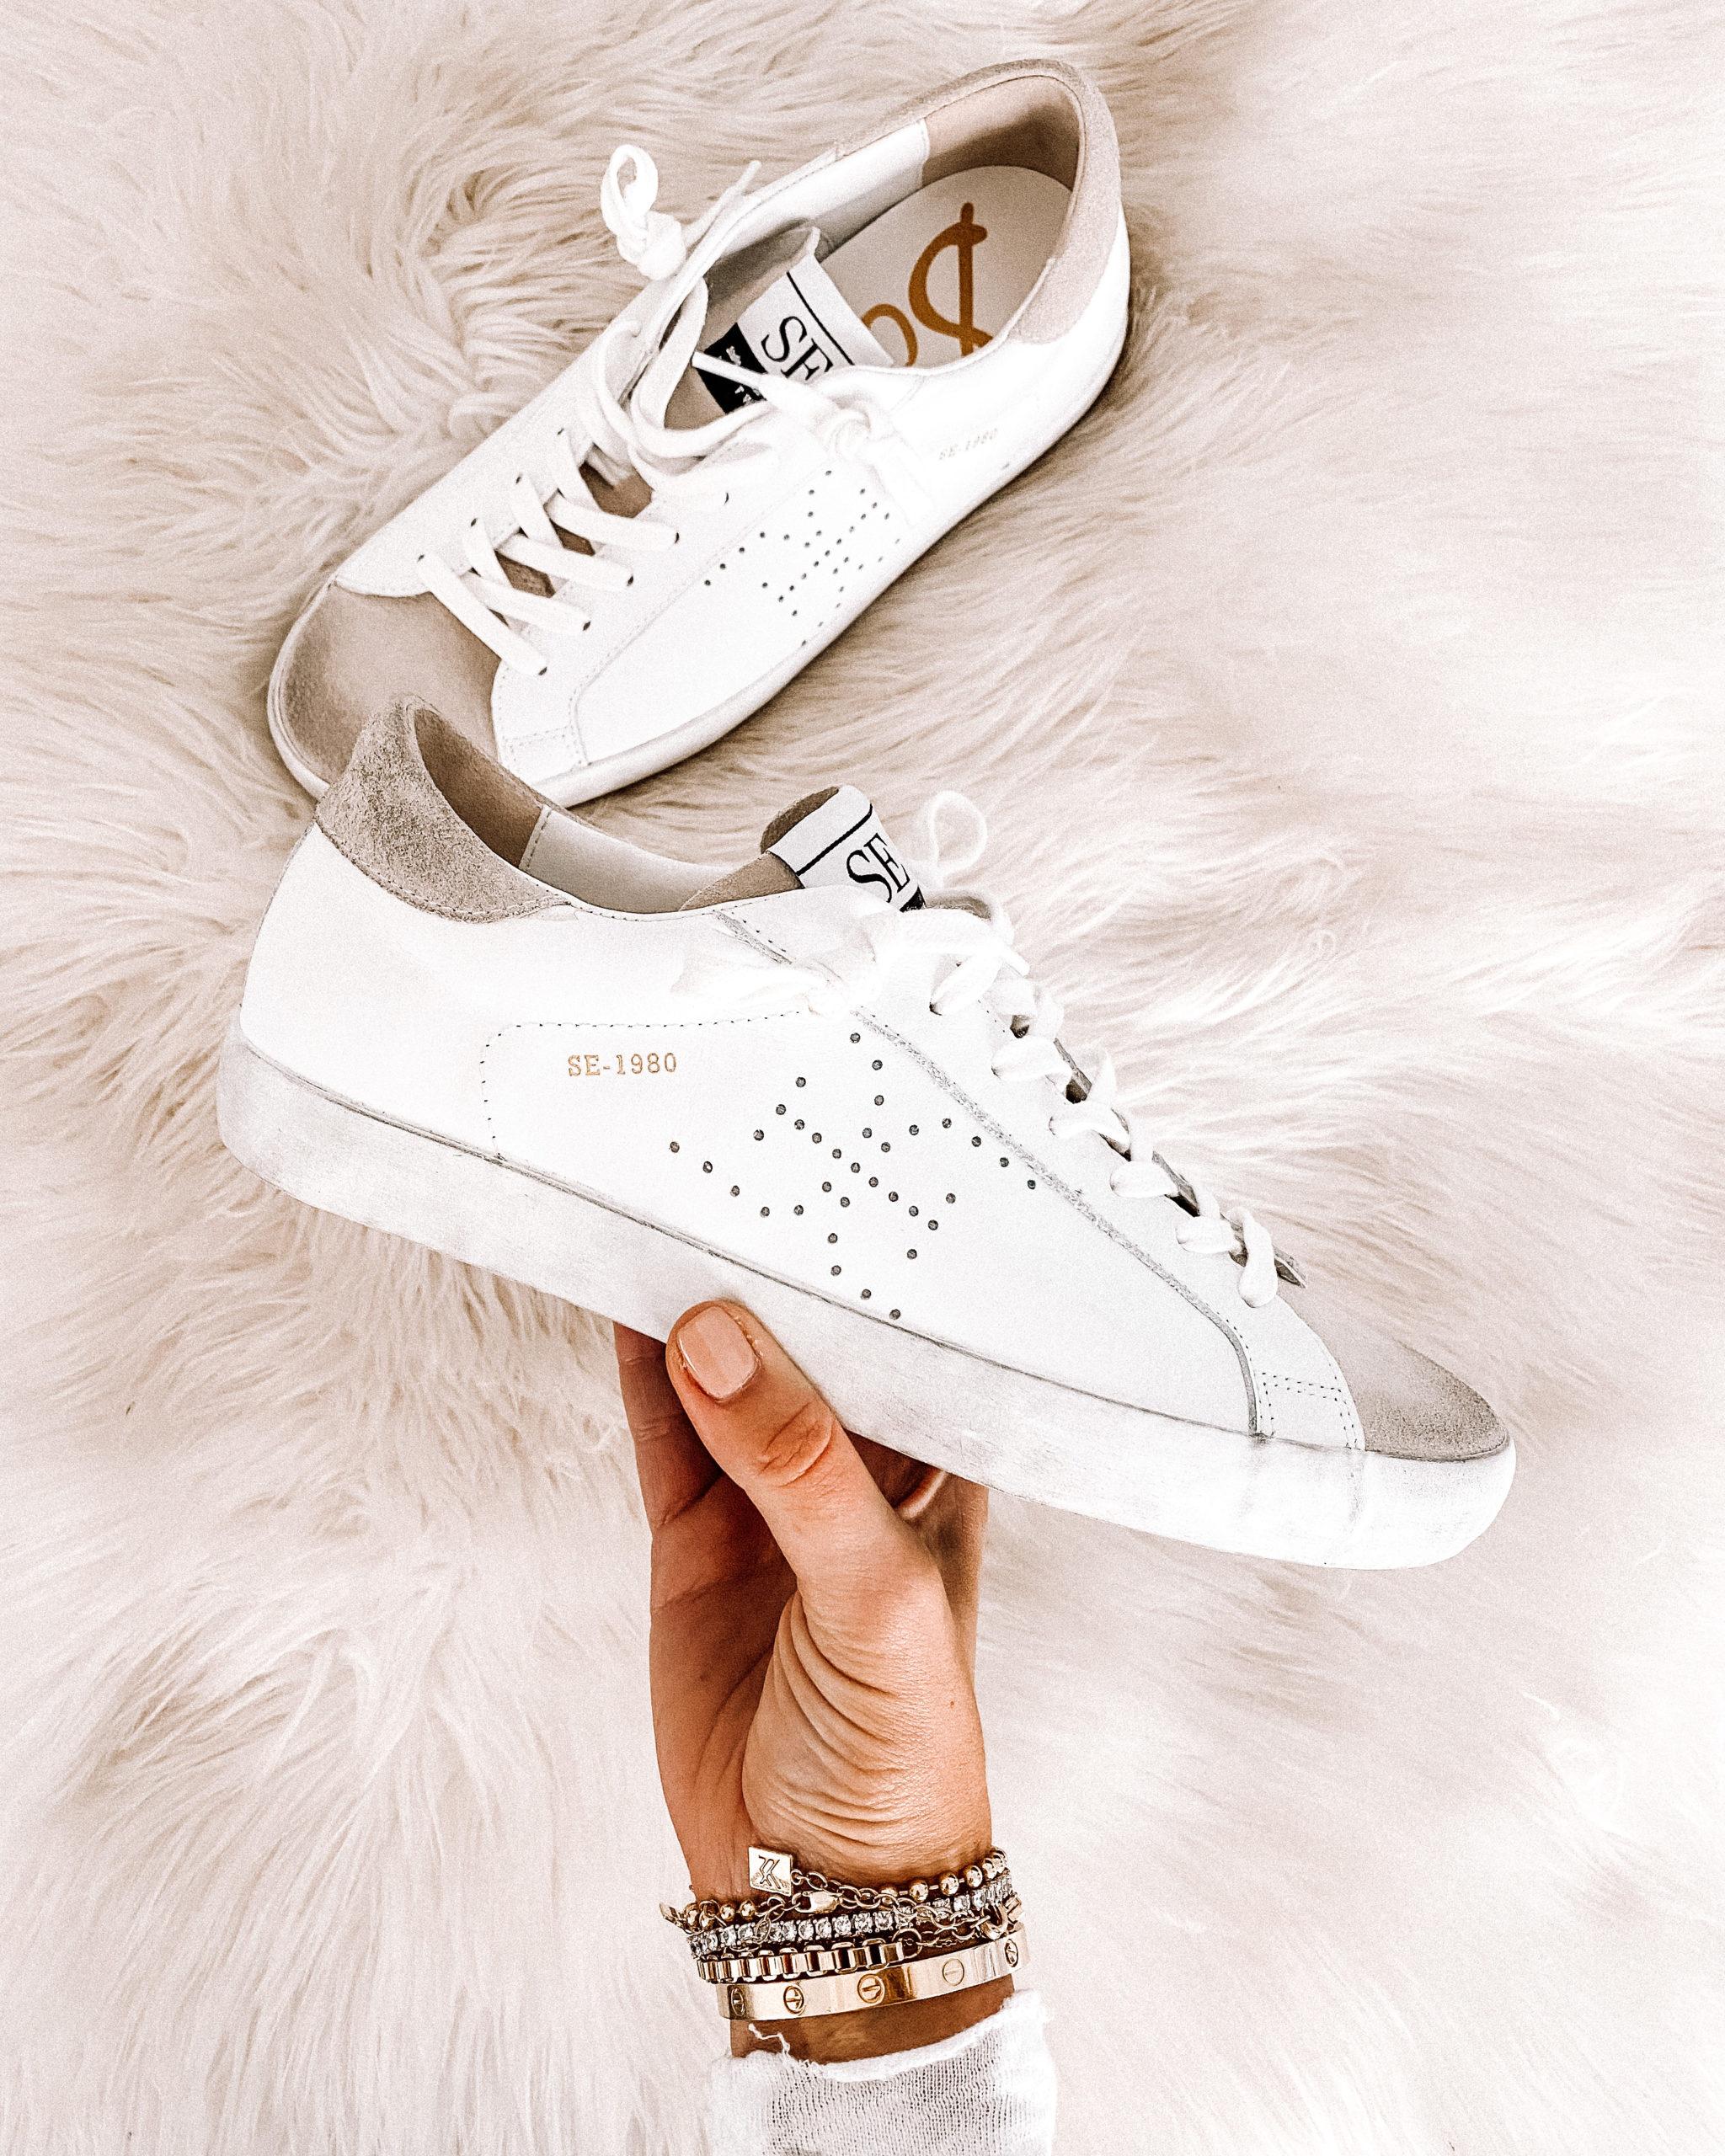 Fashion Jackson Sam Edelman Aubrie Sneakers